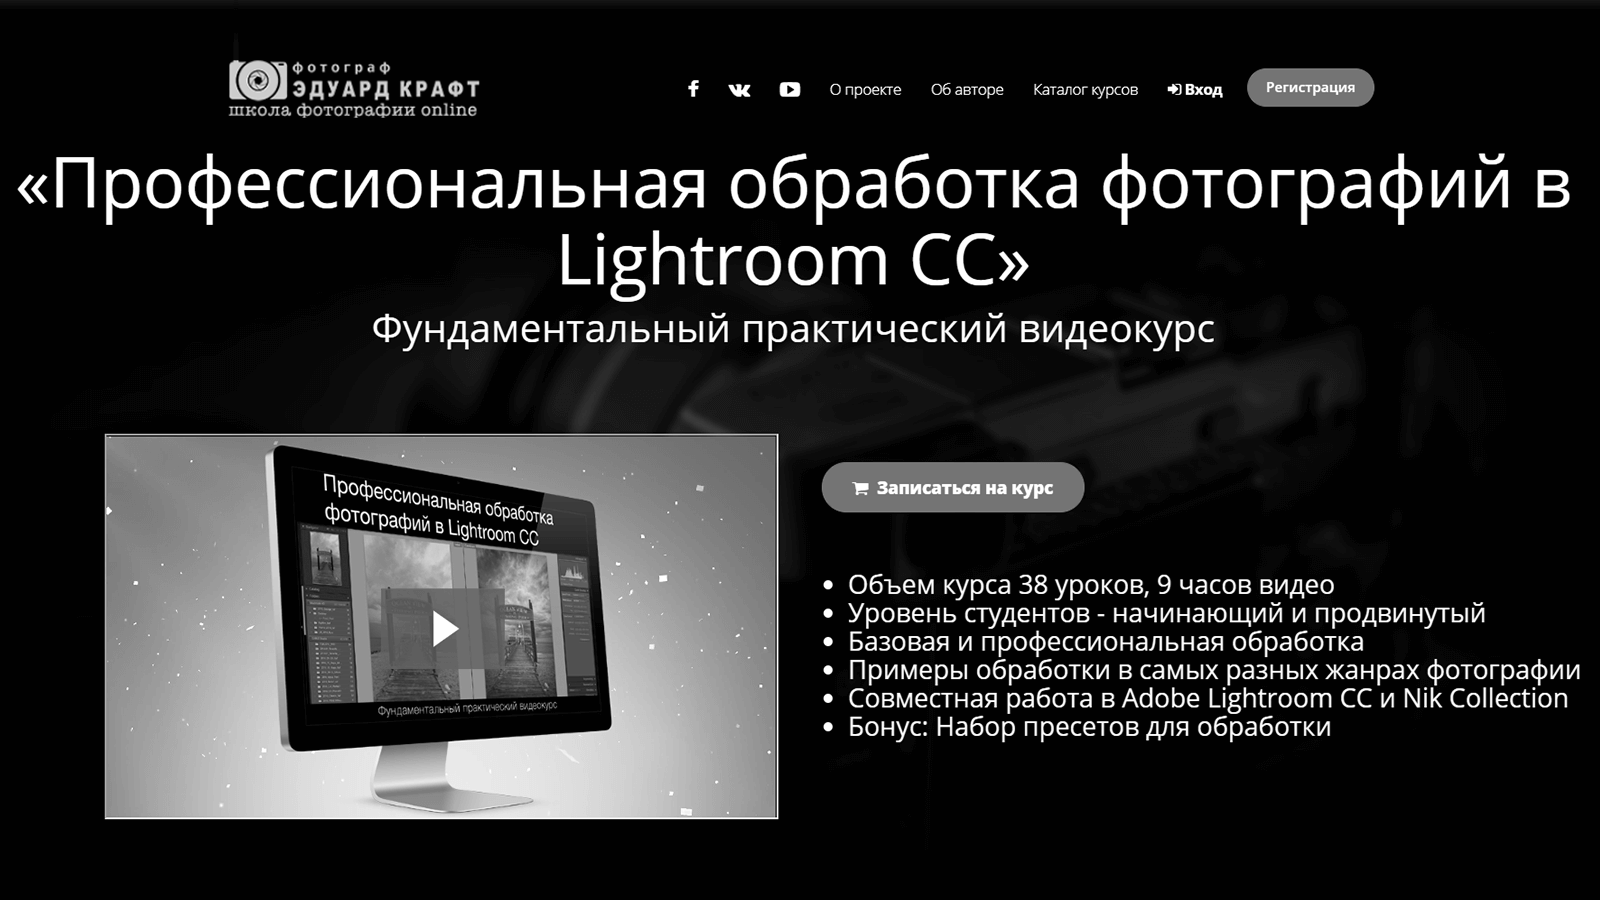 Курс по обработке в Lightroom